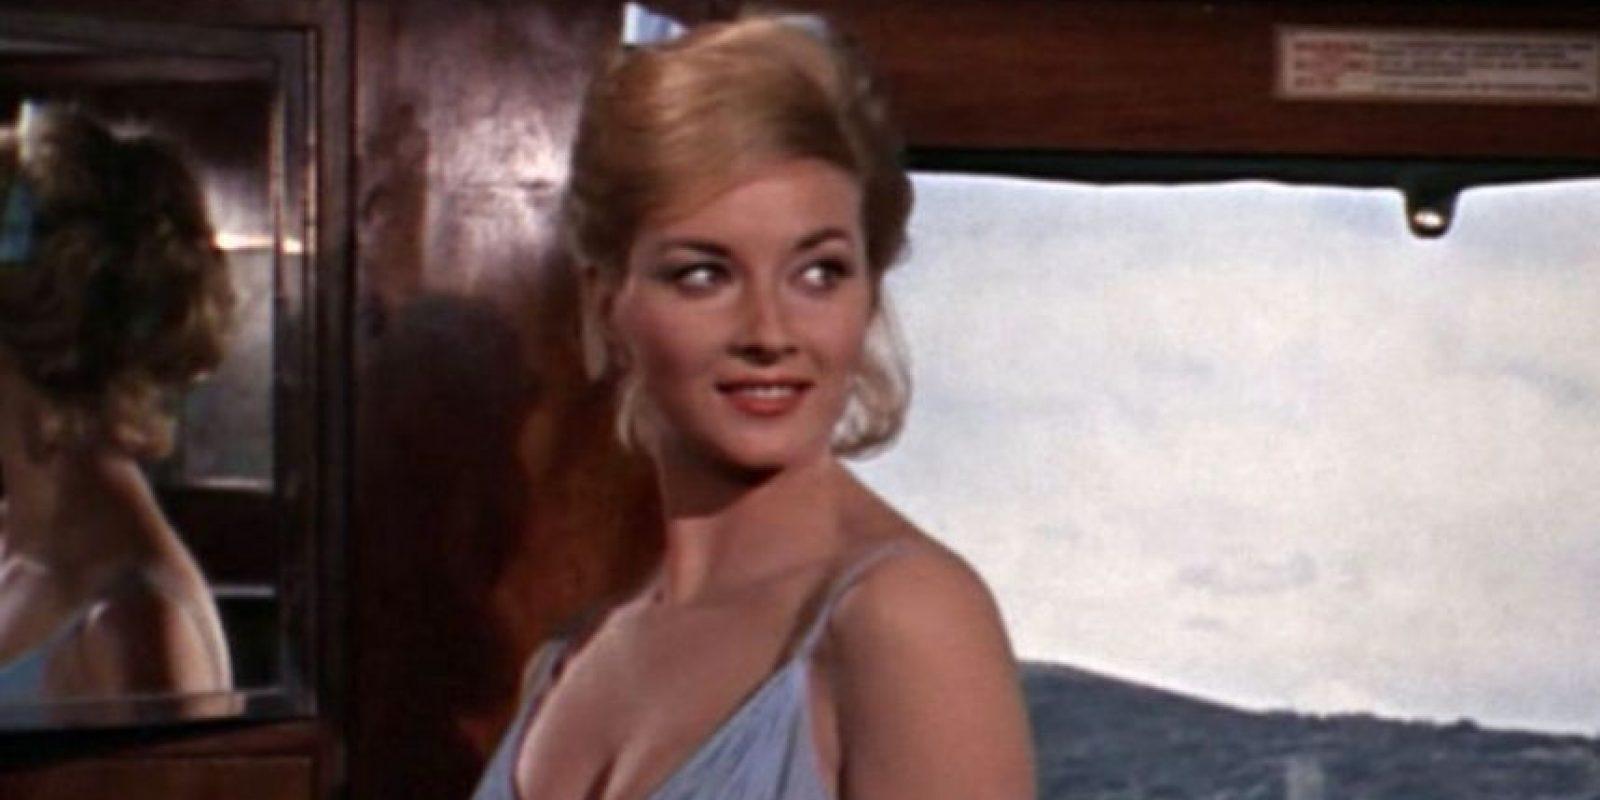 Daniela Bianchi, participó en la saga como Tatiana Romanova una empleada del gobierno Ruso a la cual SPECTRE usa (sin que ella lo sepa) para tenderle una trampa James Bond.